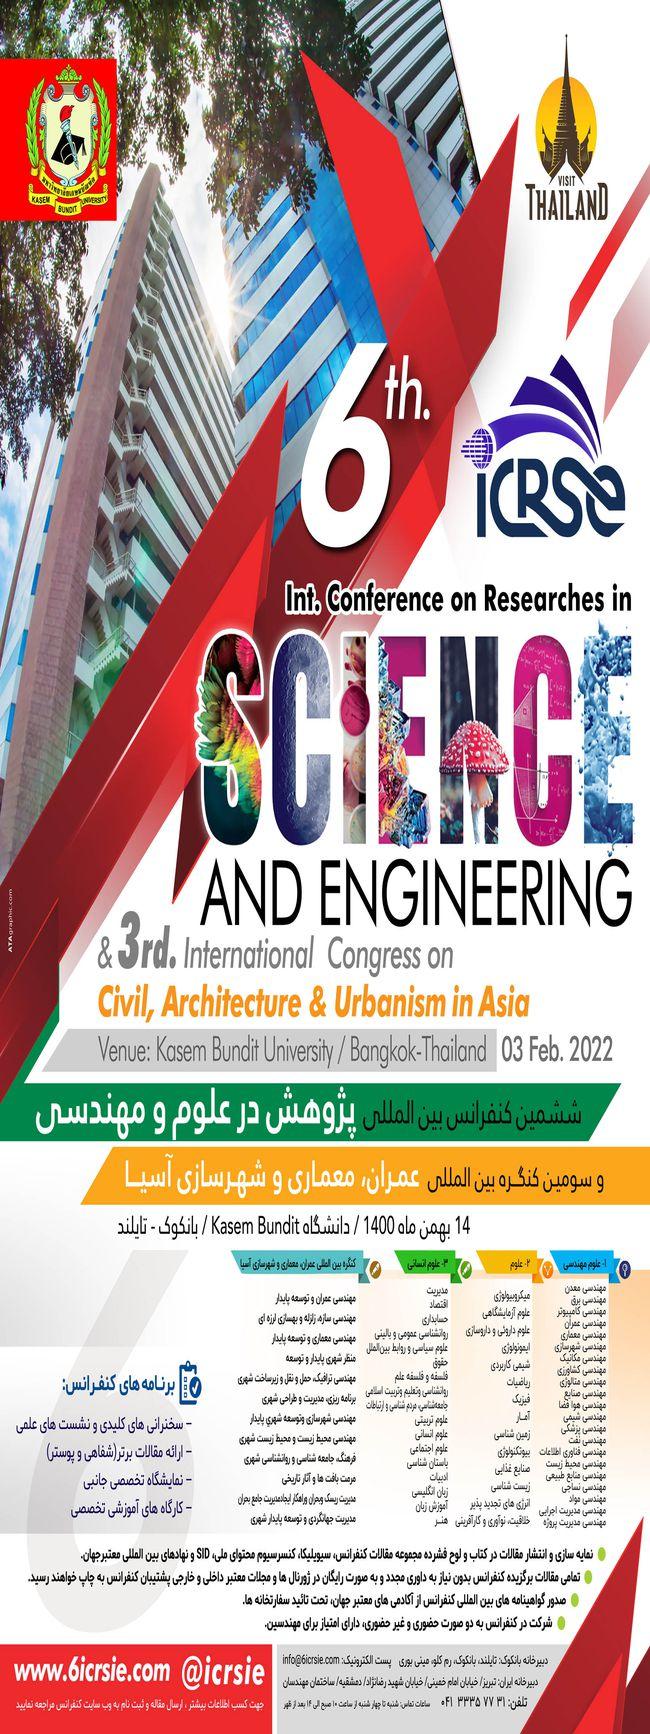 برگزاری ششمین کنفرانس بین المللی پژوهش در علوم و مهندسی و سومین کنگره بین المللی عمران، معماری و شهرسازی آسیا / دانشگاهKasem Bundit بانکوک